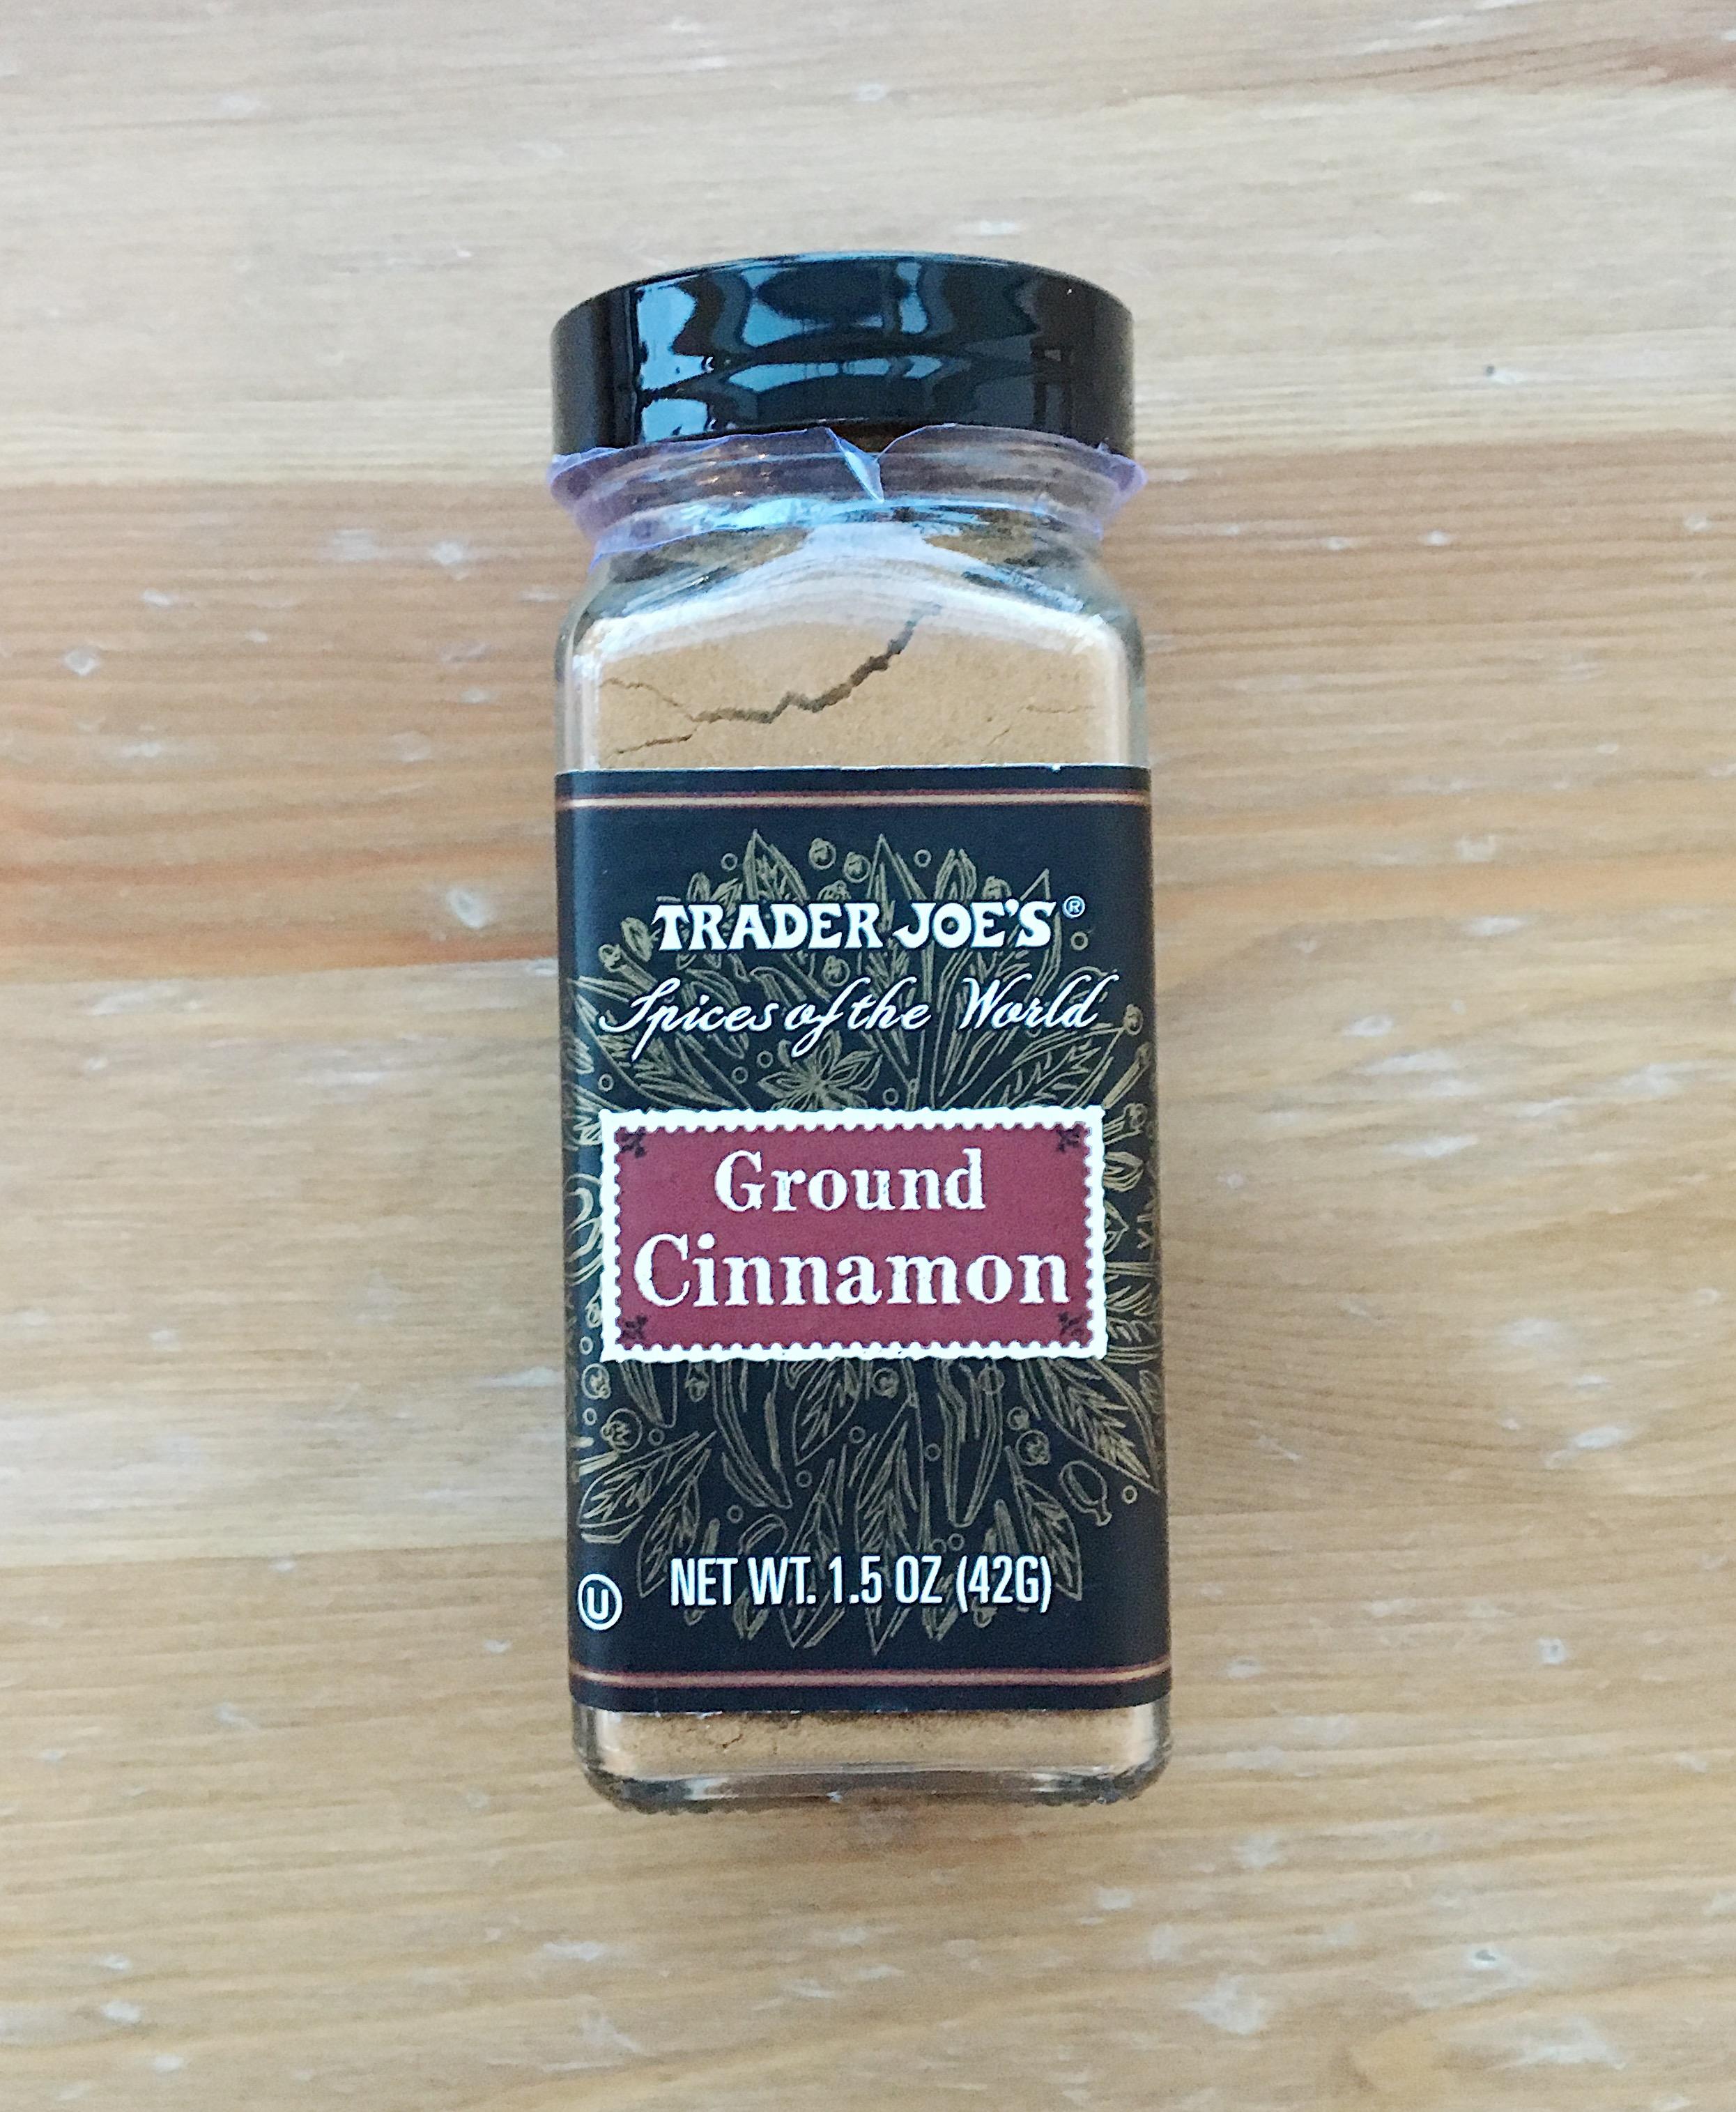 Trader Joe's Cinnamon